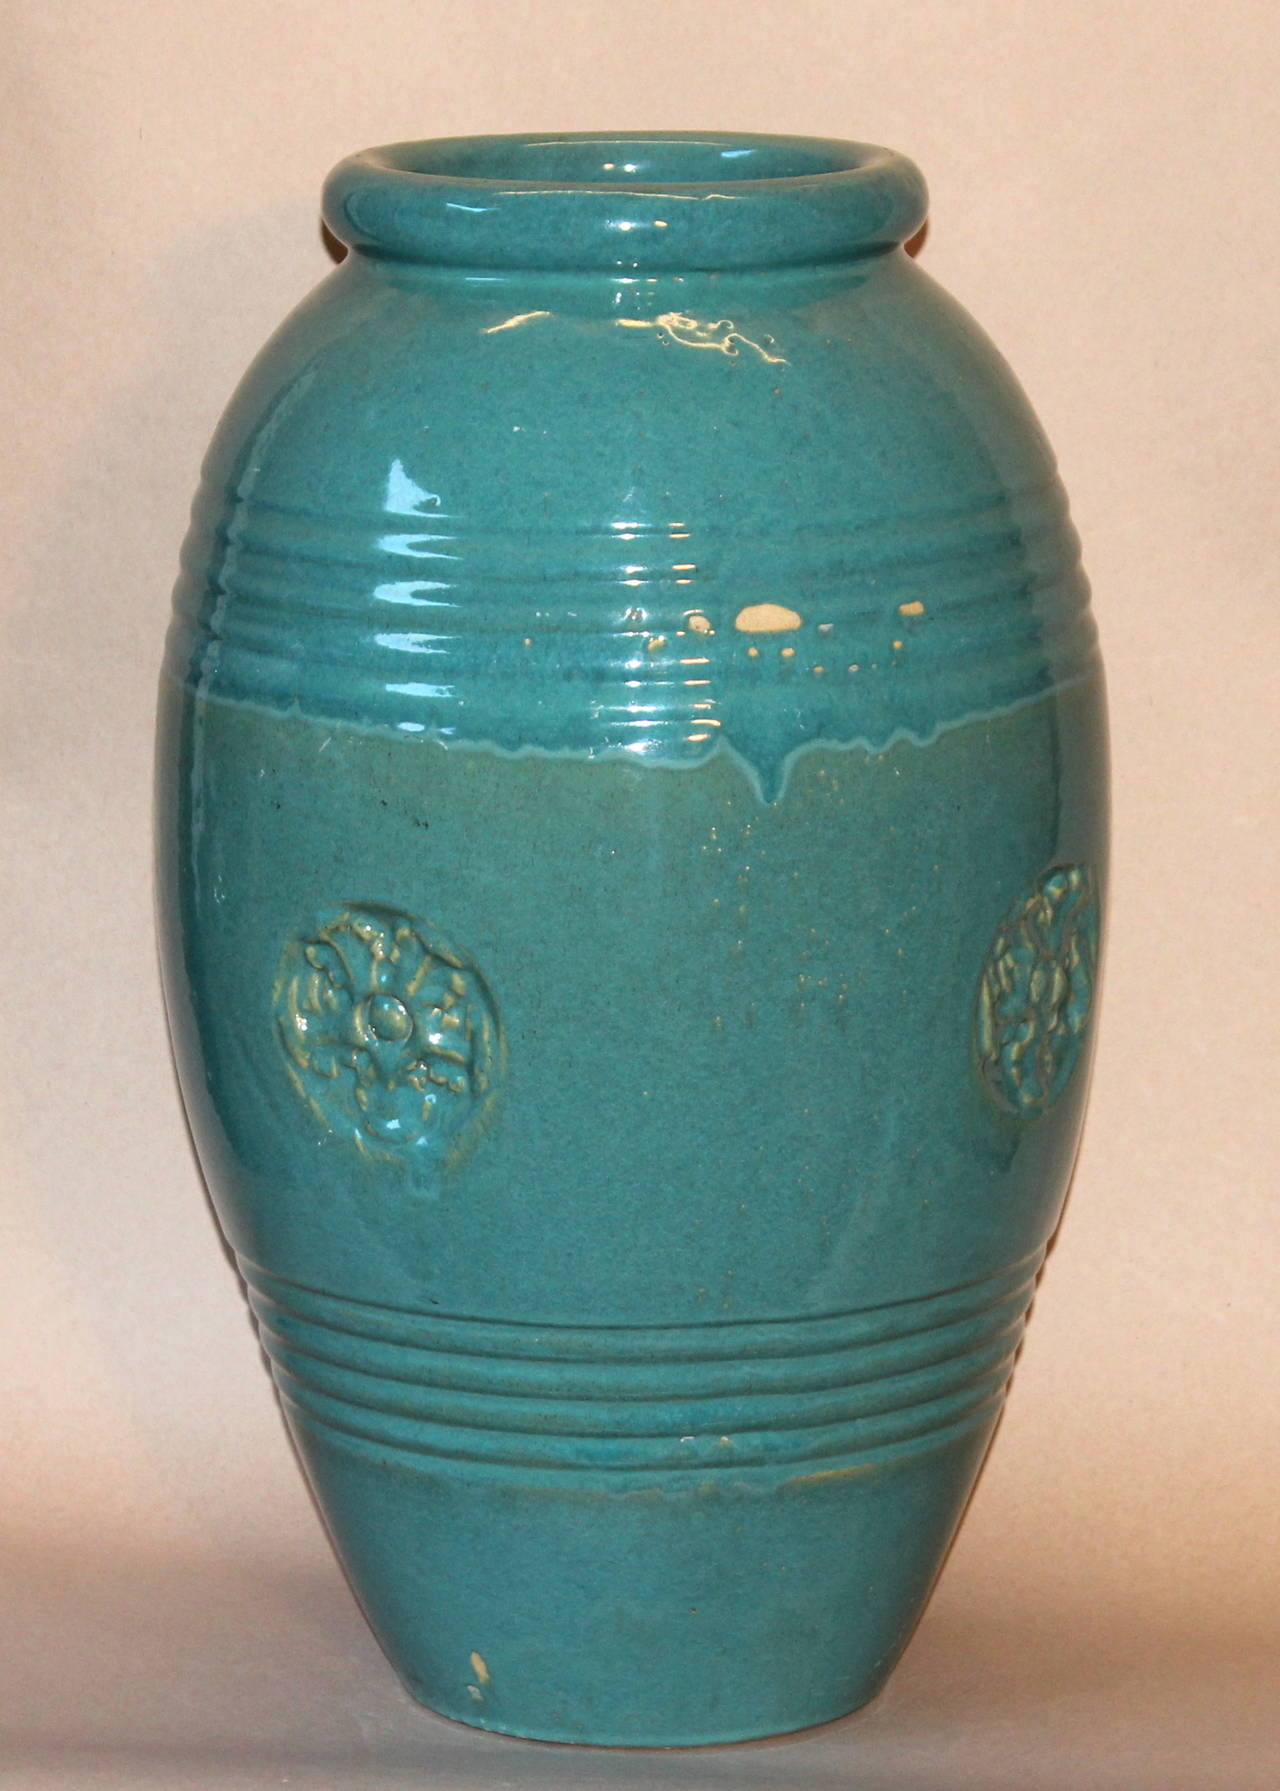 Large vintage bauer california pottery garden urn oil jar vase for sale at 1stdibs - Large decorative vases and urns ...